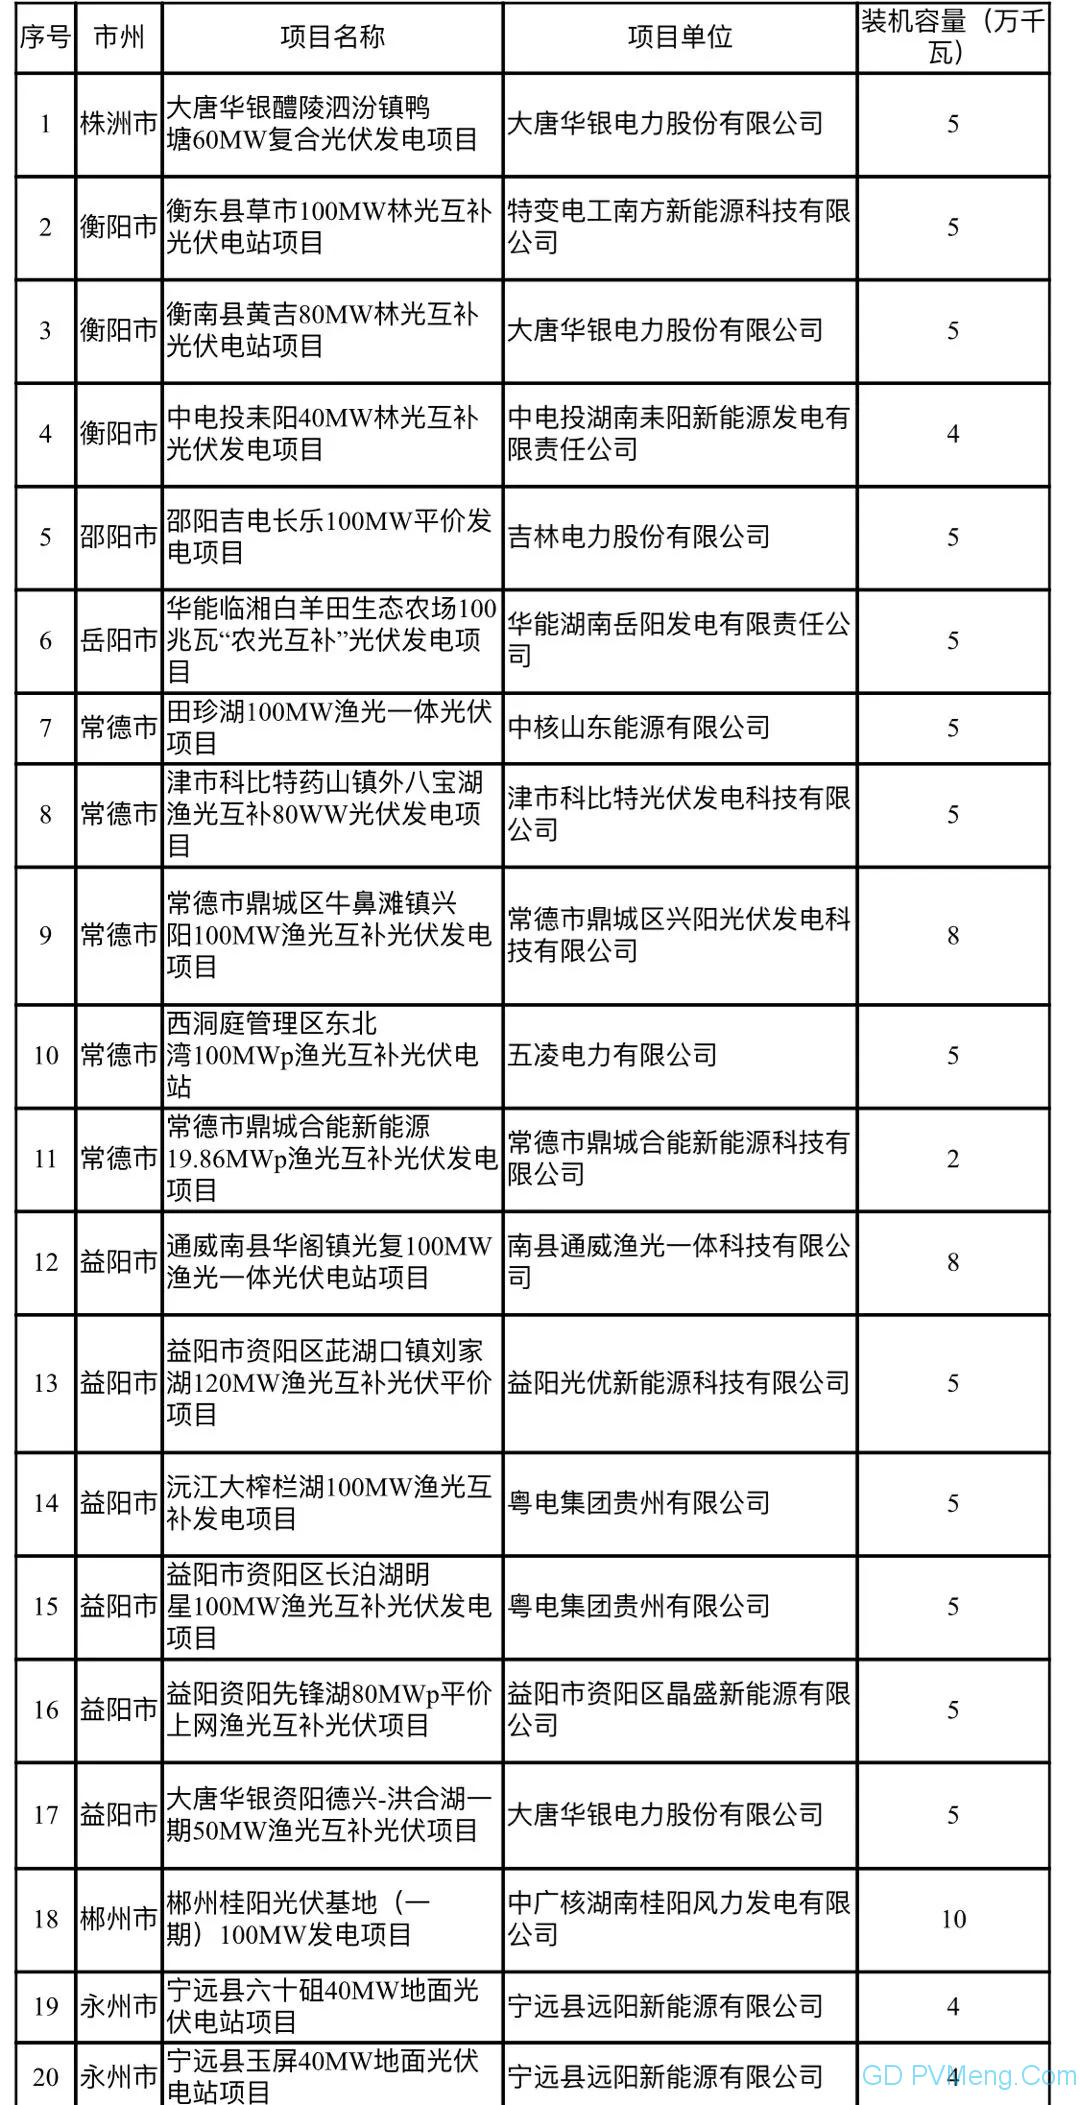 湖南省发改委关于湖南省2020年光伏发电平价上网项目的公示20200430